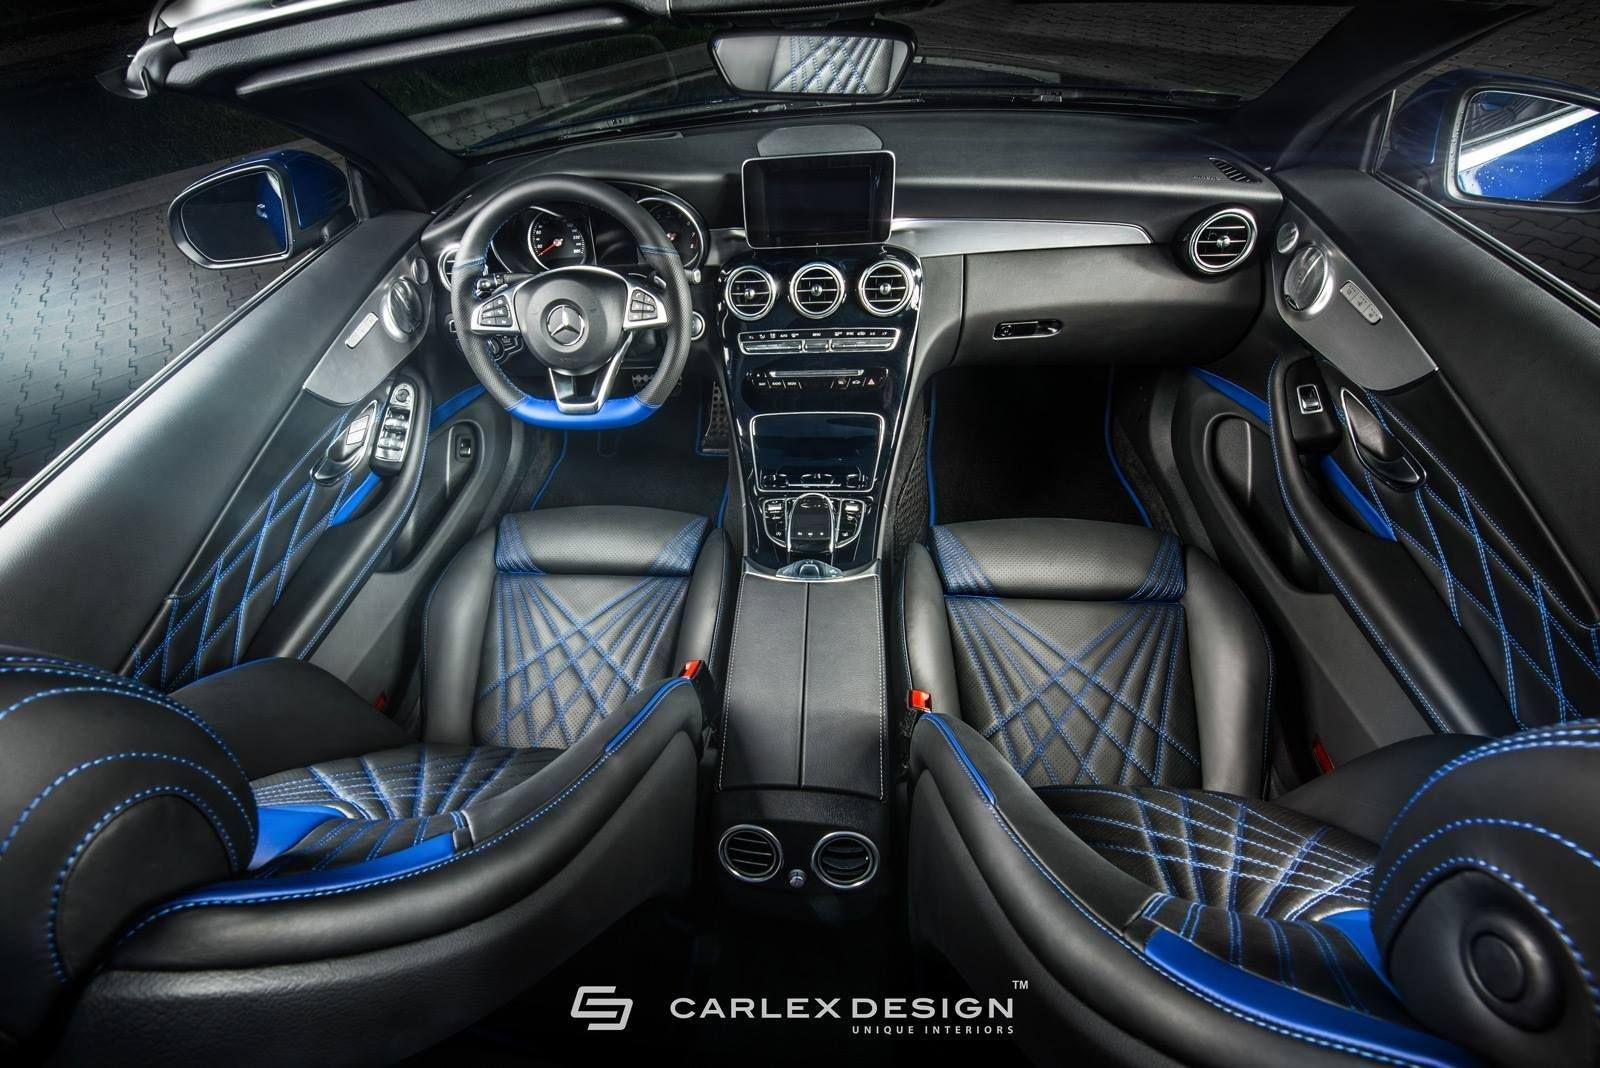 Mercedes C-Class Cabrio By Carlex Design (2)